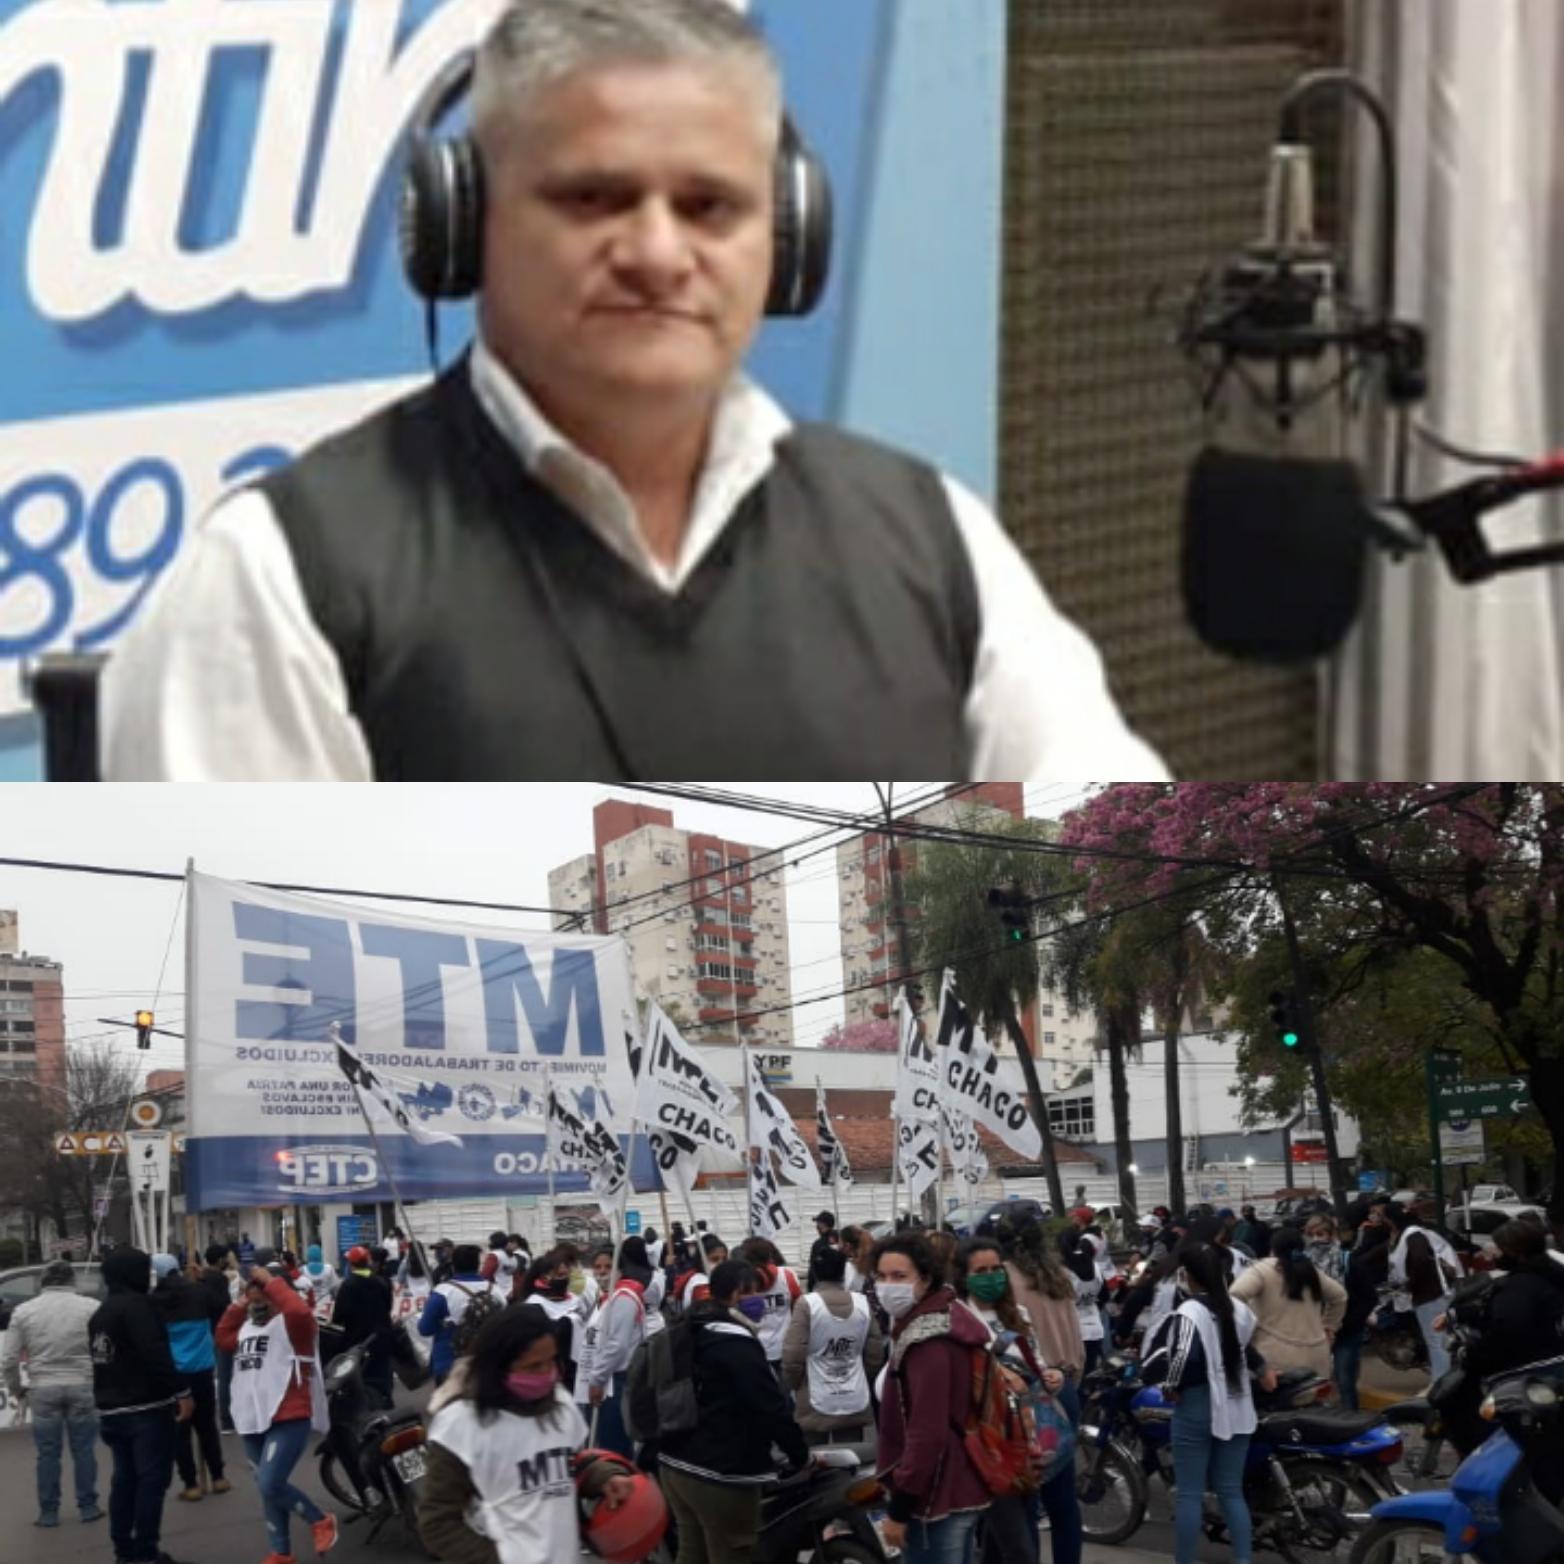 CHACO: El debate social ¿Se debe salir o no a las calles en tiempos de pandemia?